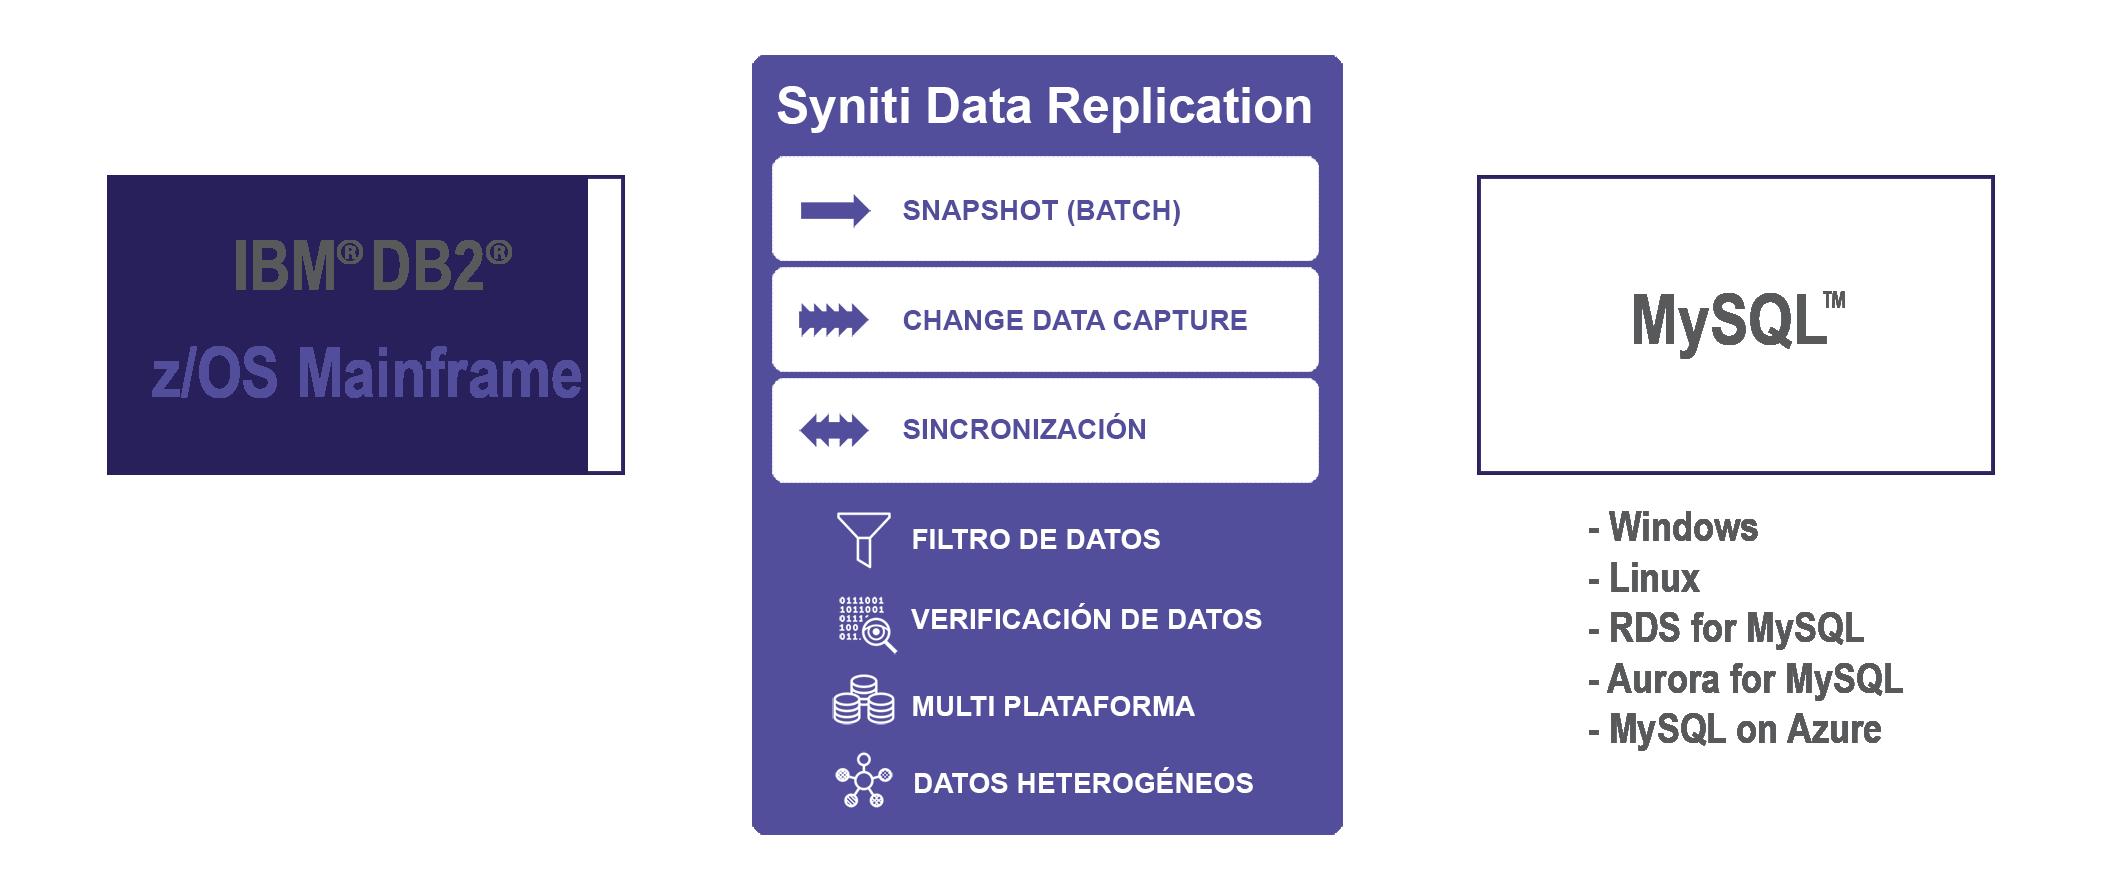 Replicación de datos DB2 z/OS a MySQL en tiempo real